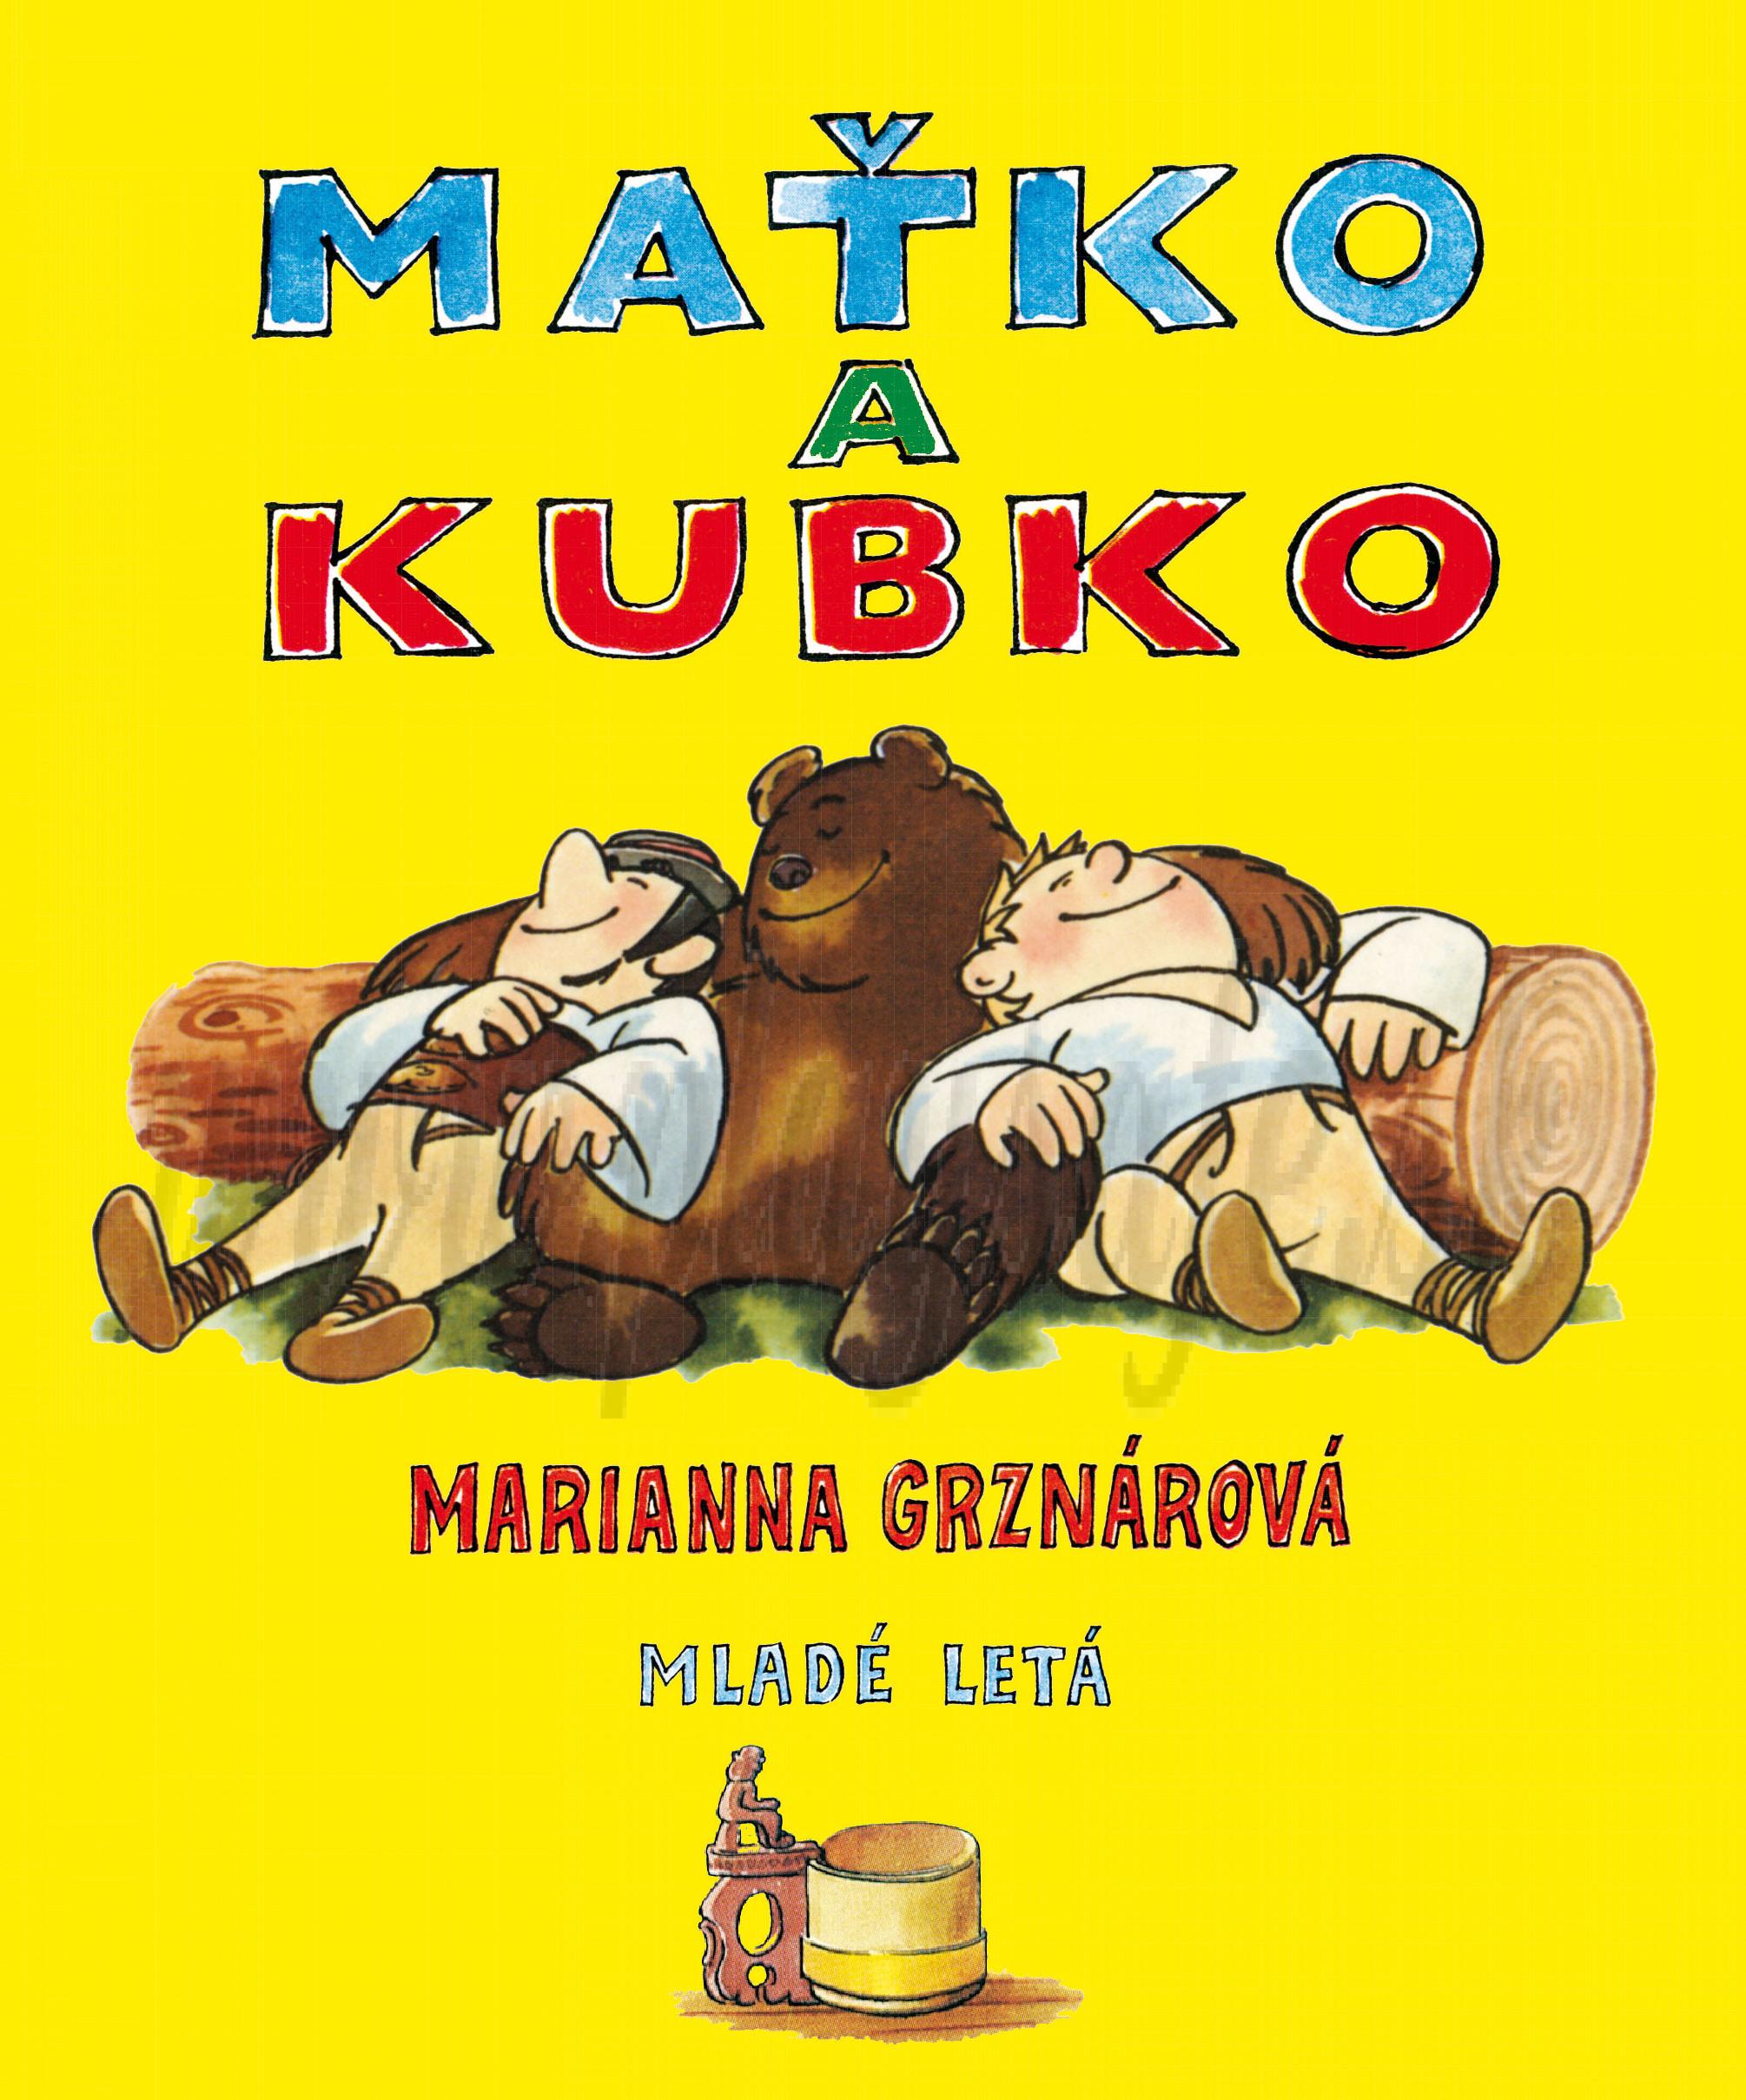 Marianna Grznárová: Maťko a Kubko